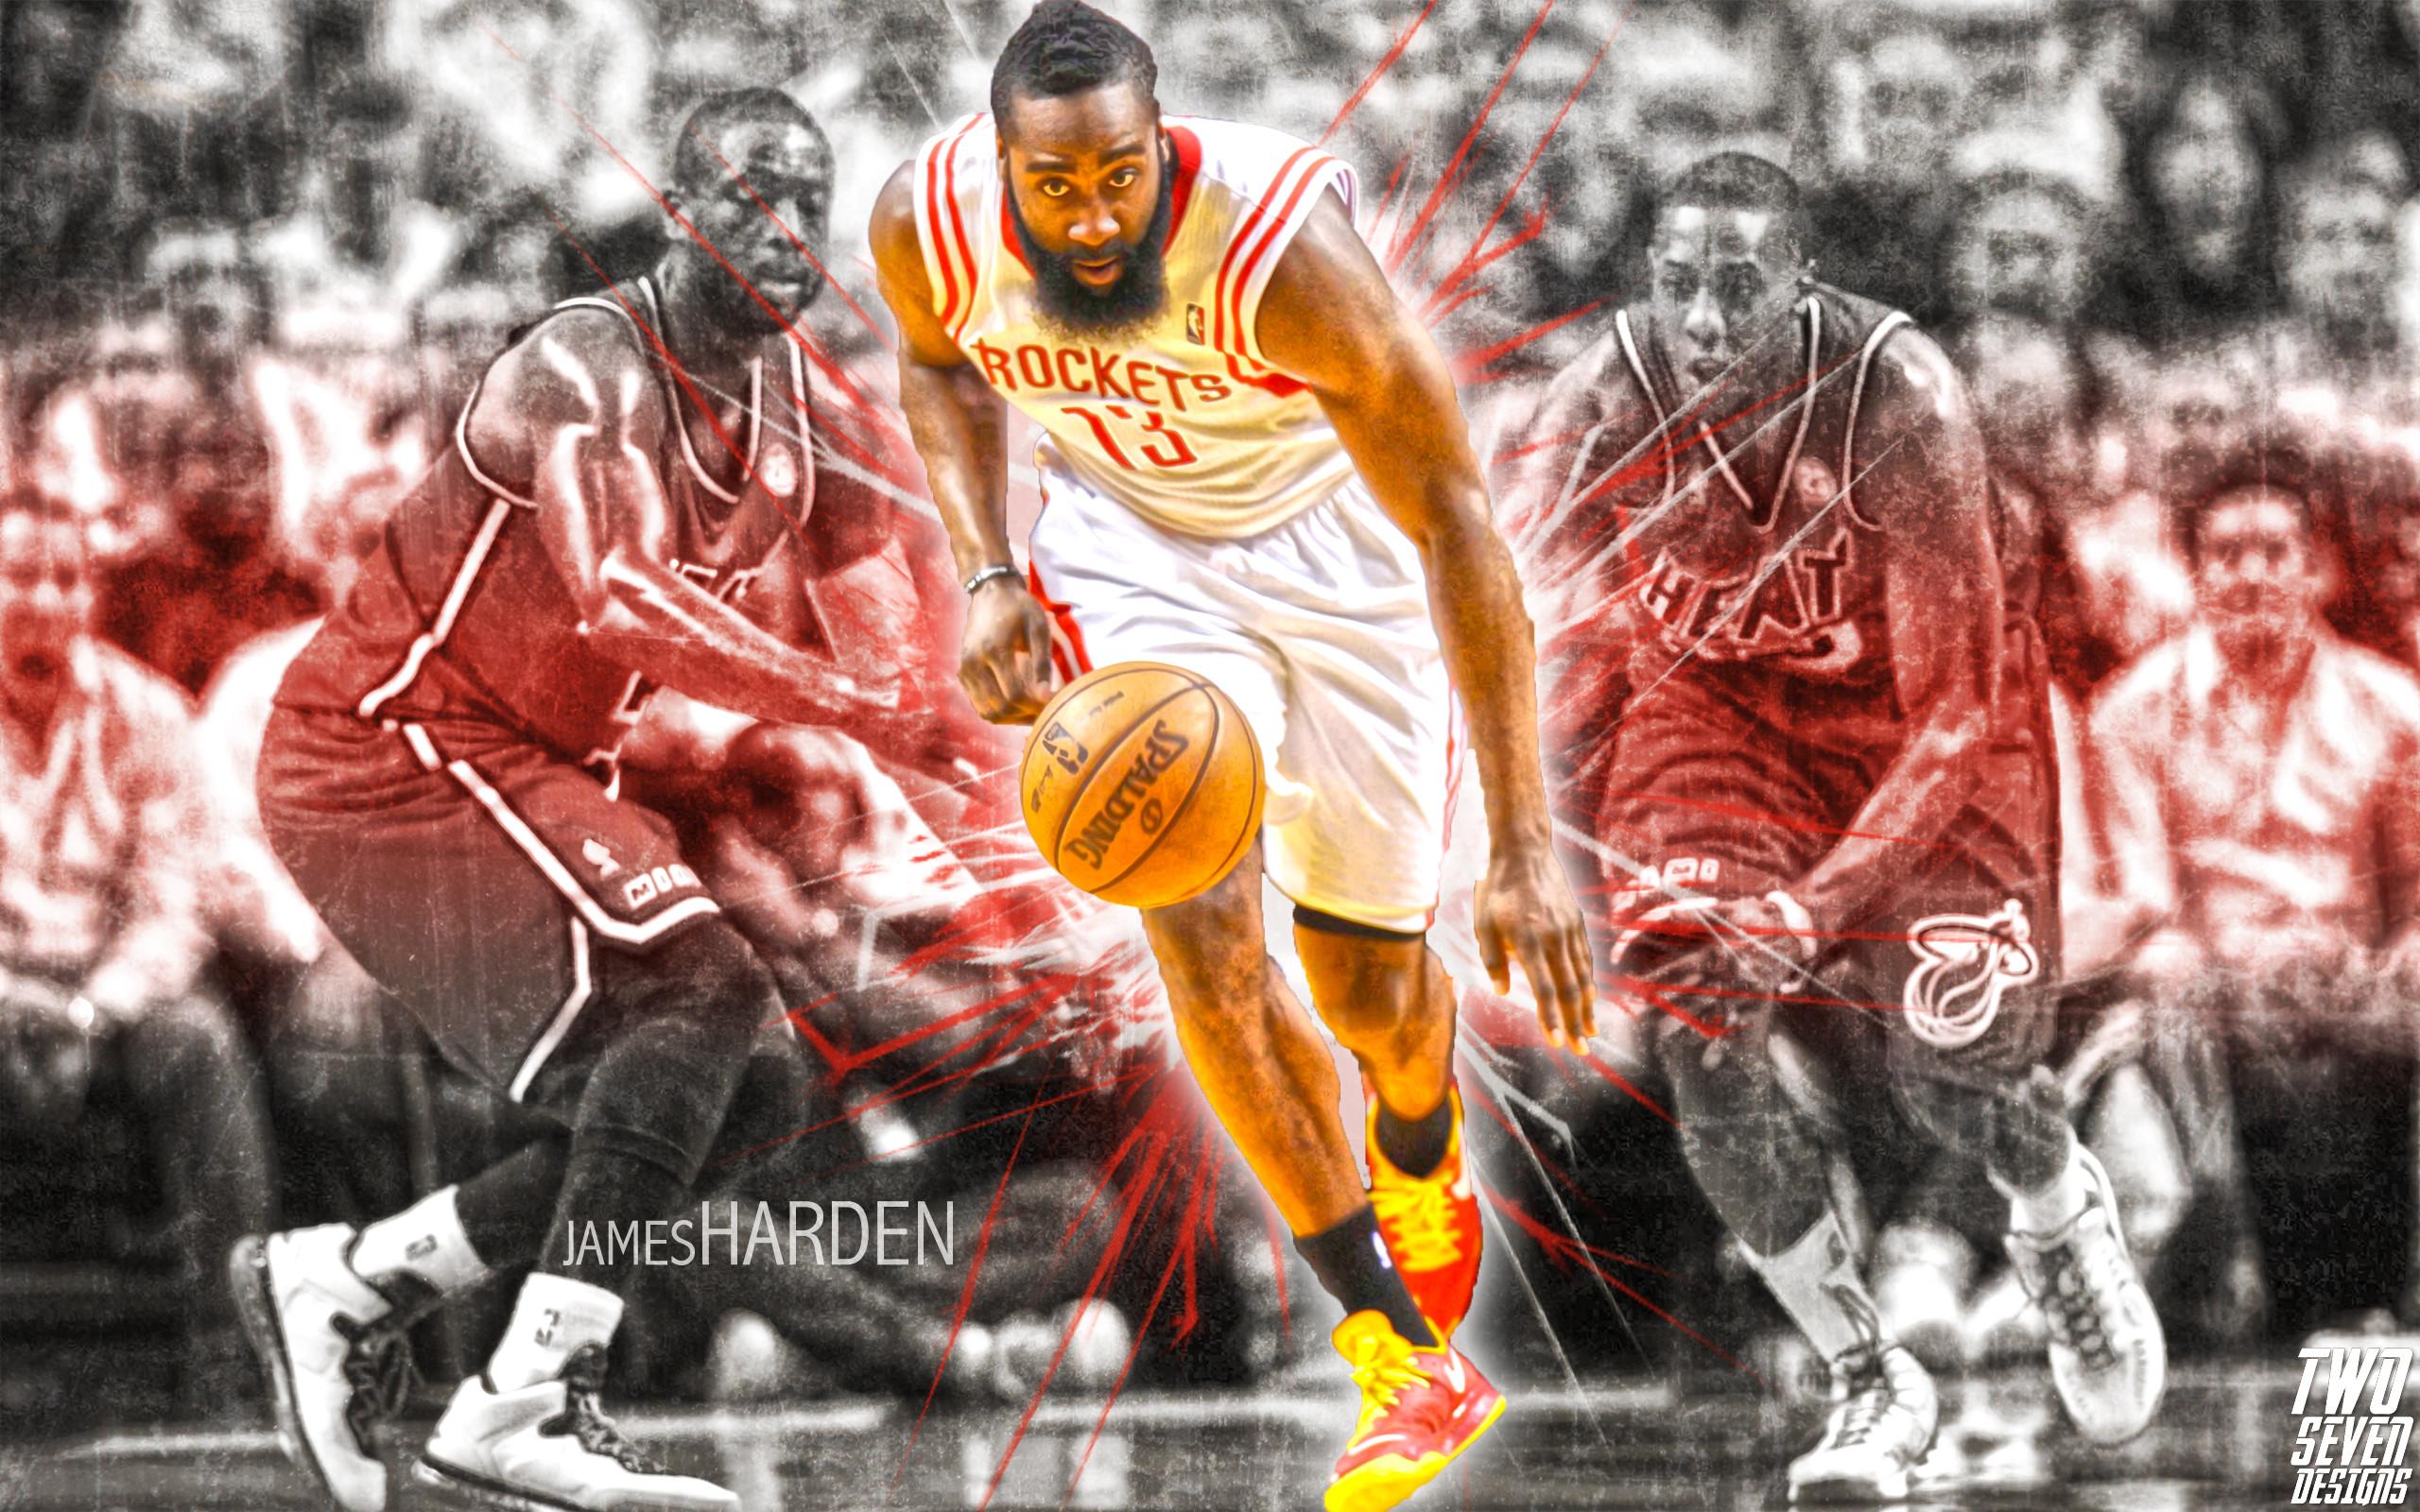 NBA: Houston Rockets at Miami Heat